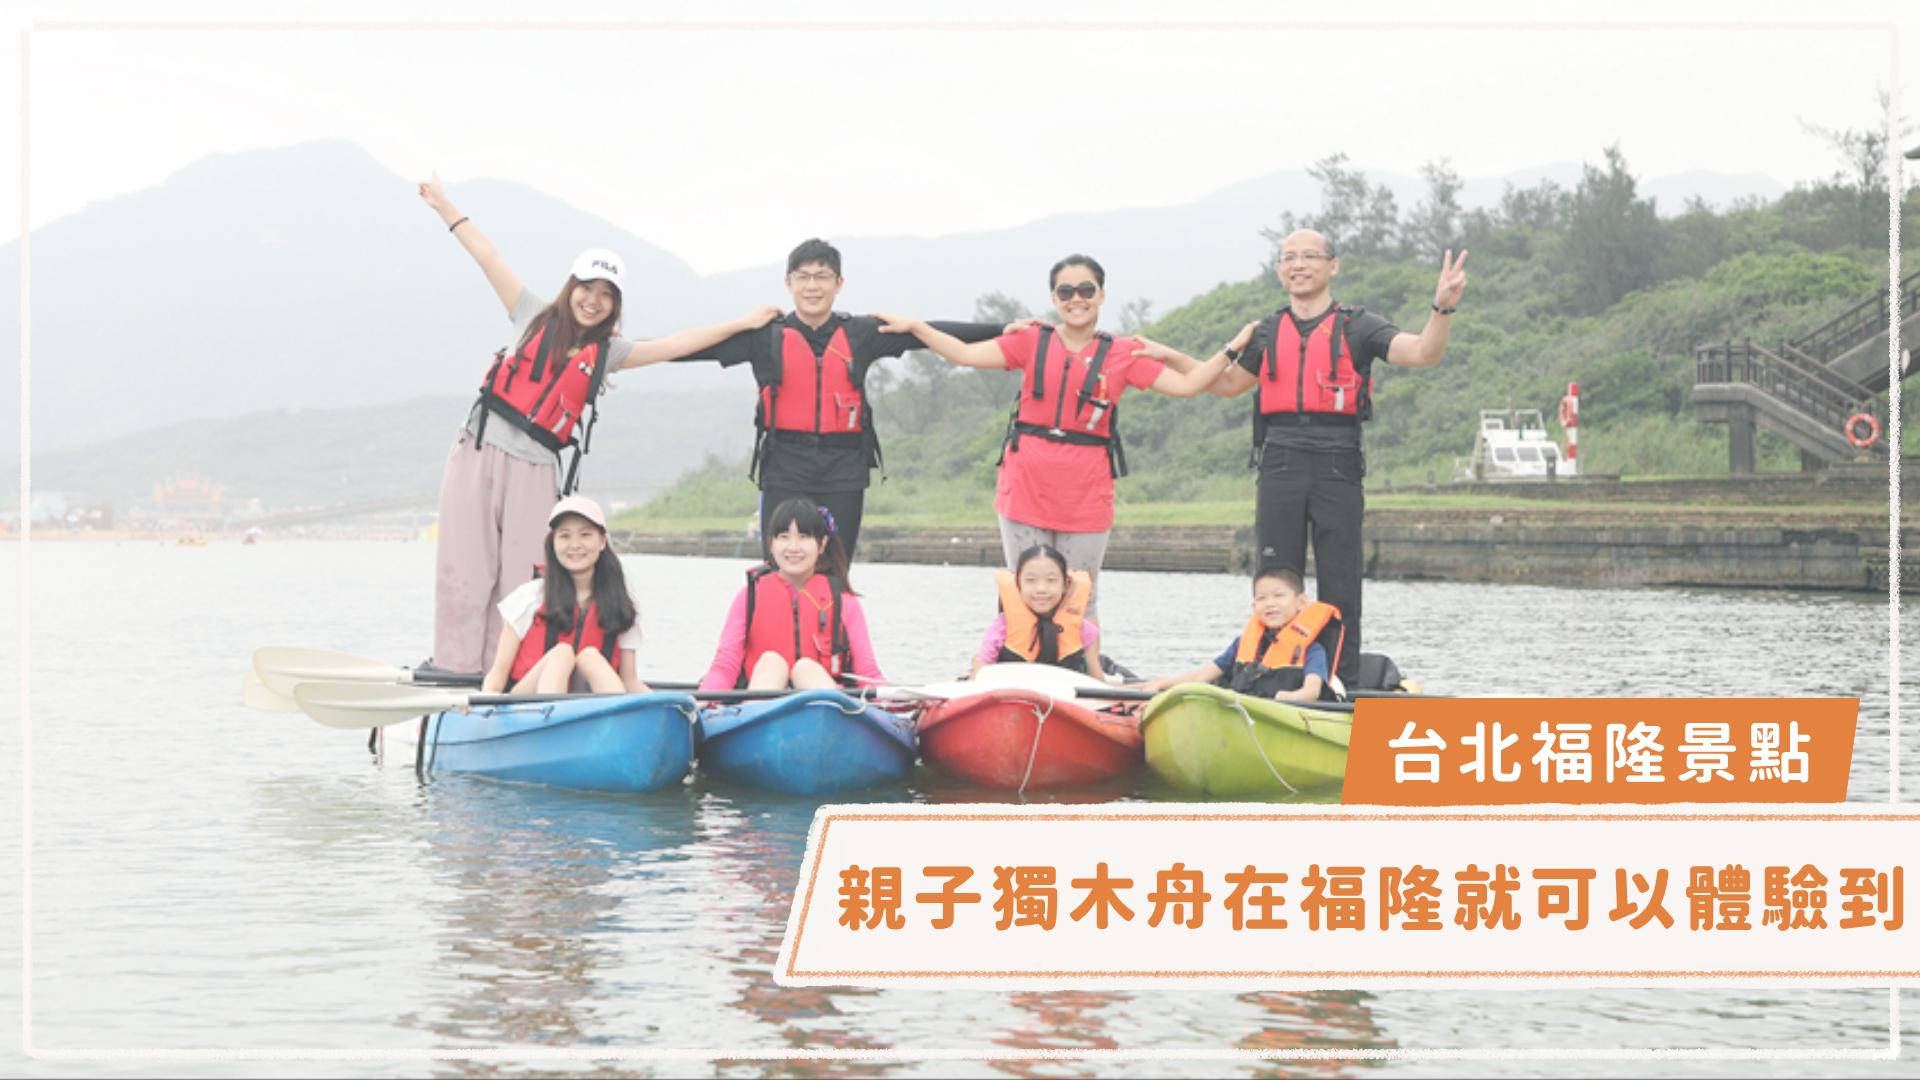 【親子獨木舟|福隆】安全、放鬆、專注運動,享受親子時光!